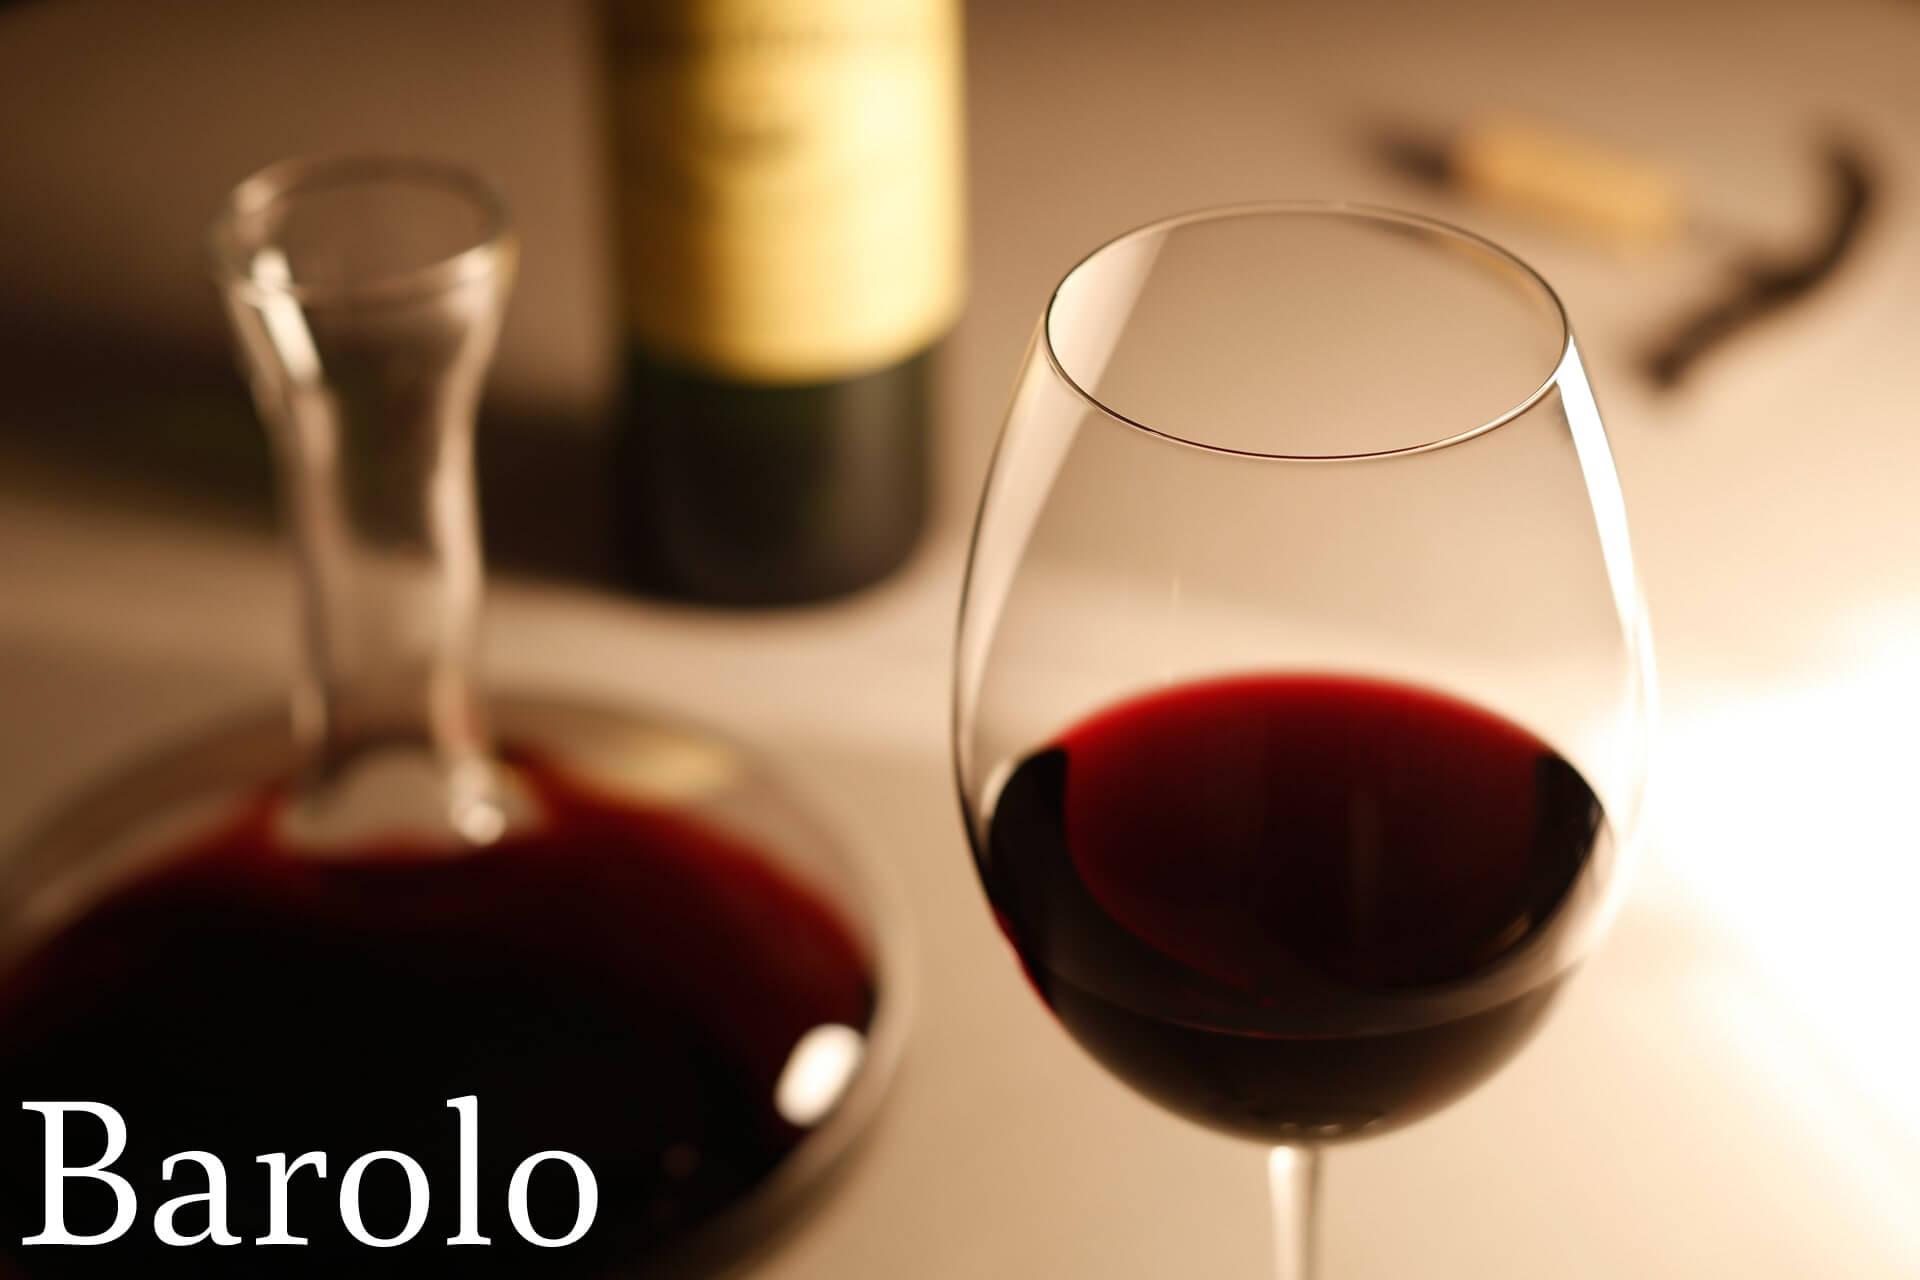 バローロ(ワイン)のメインビジュアルの画像